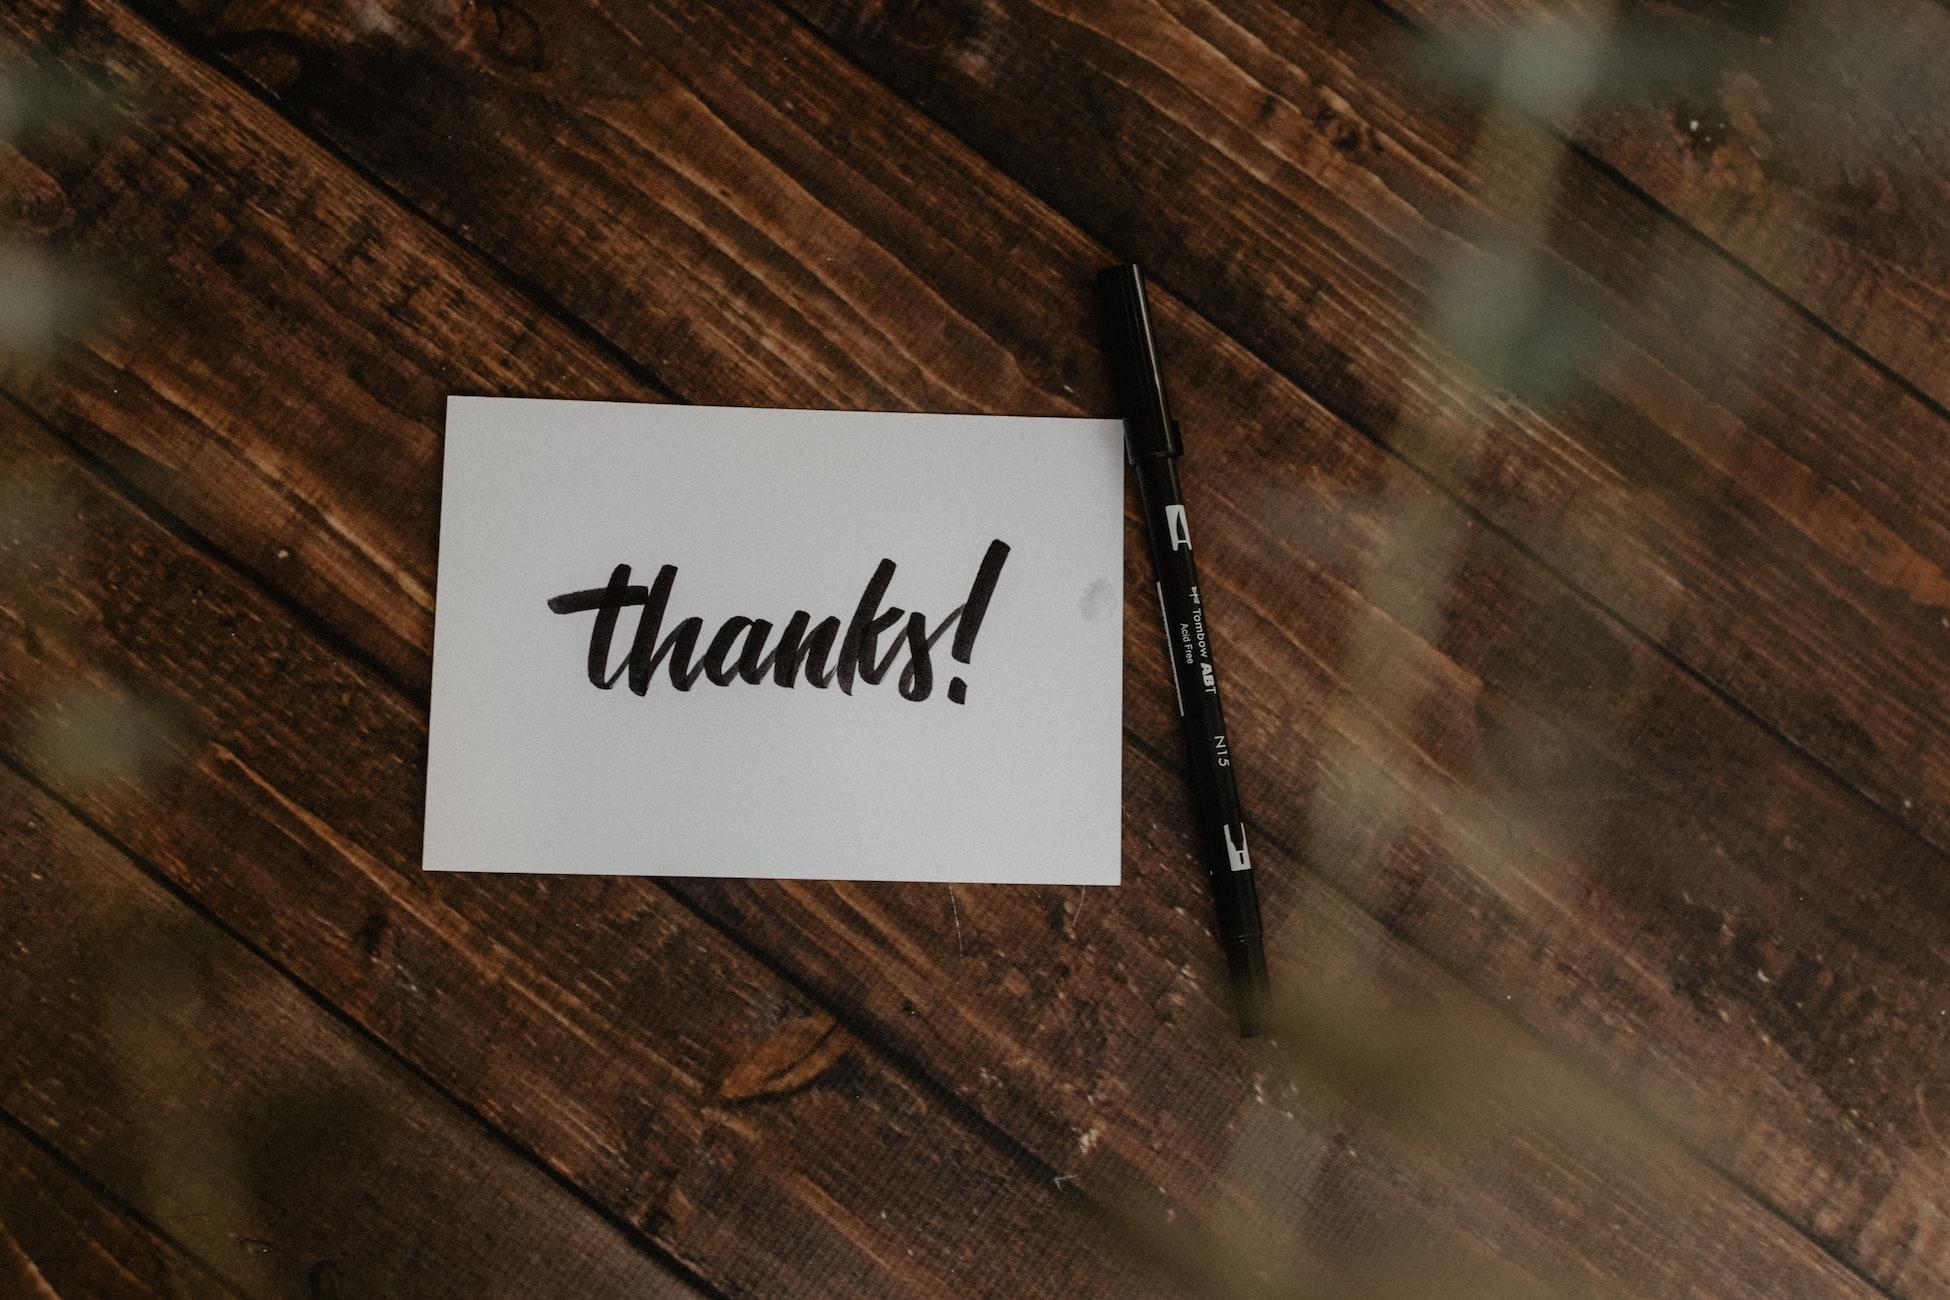 受験期に口を挟んでくるうざい親への対処法は親に対して日頃から感謝を伝えること